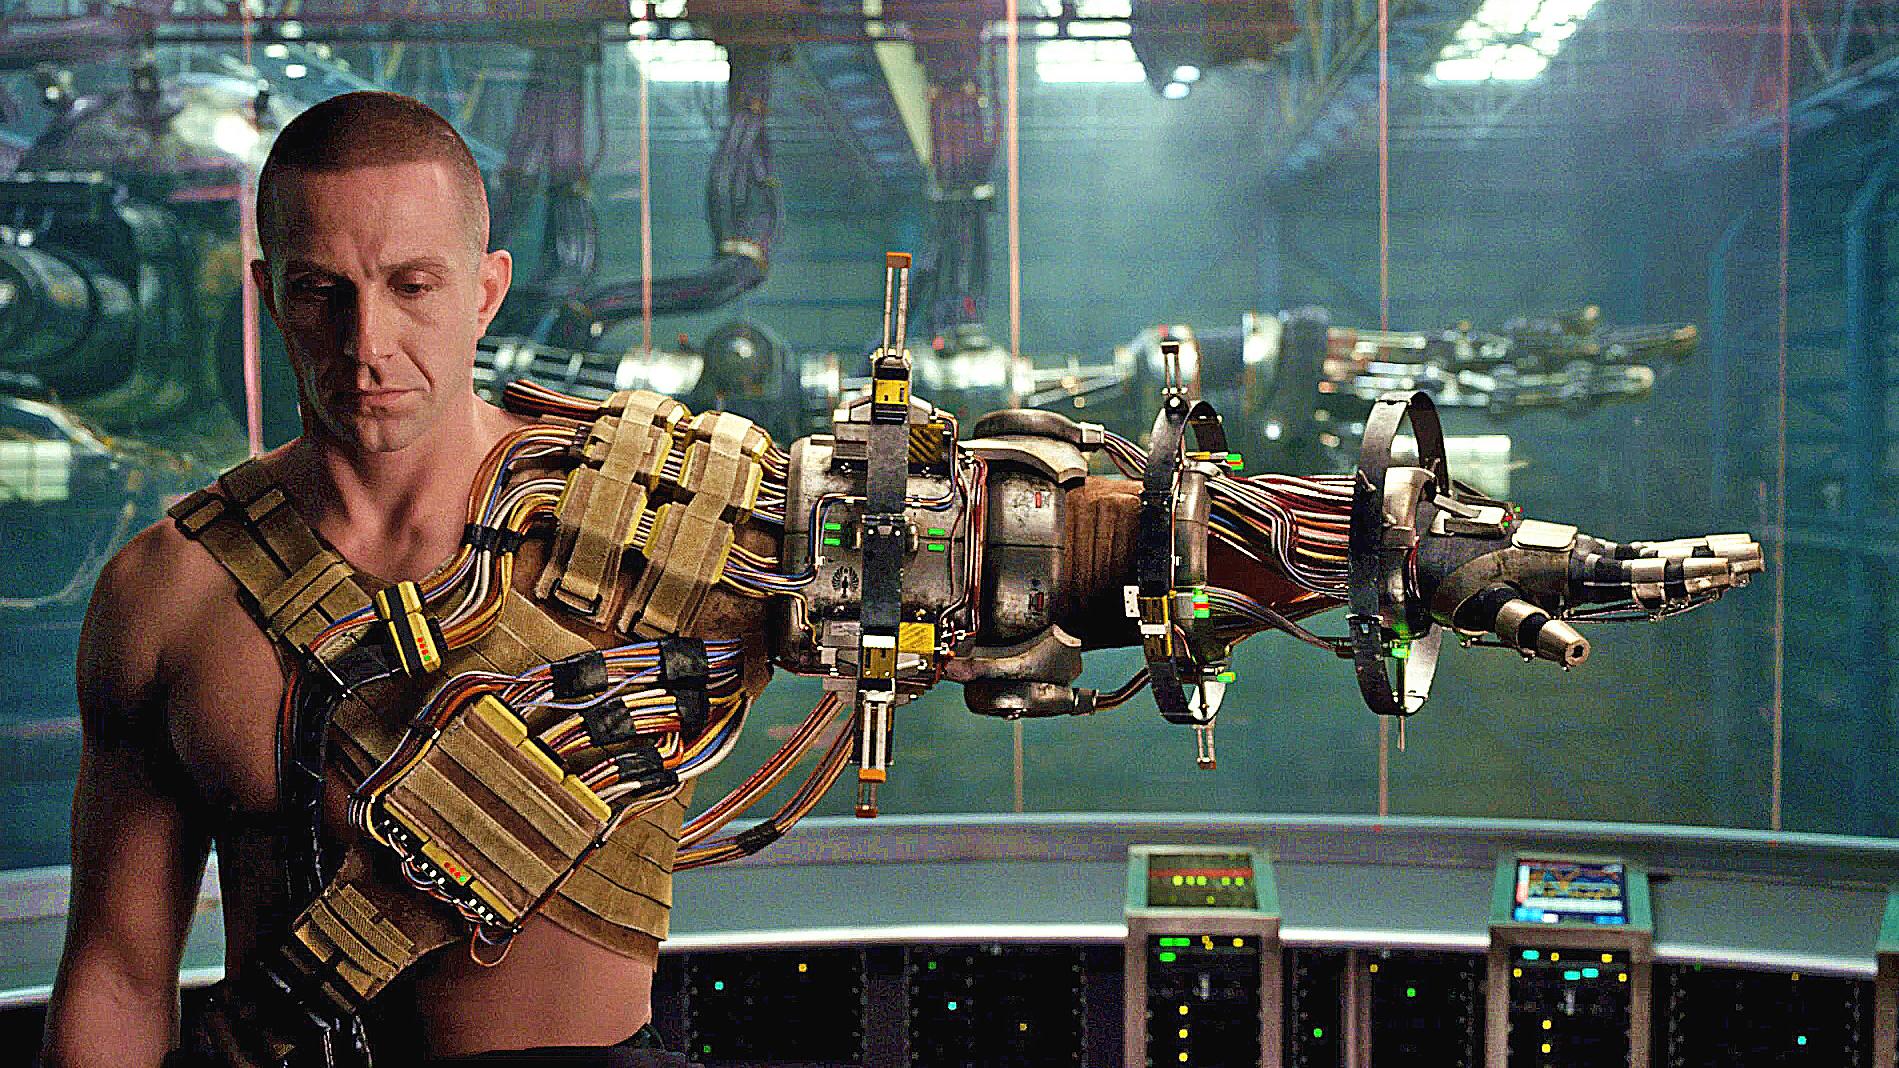 未来世界怪兽袭击了地球,人类必须与机器人合体,才能打败它们!